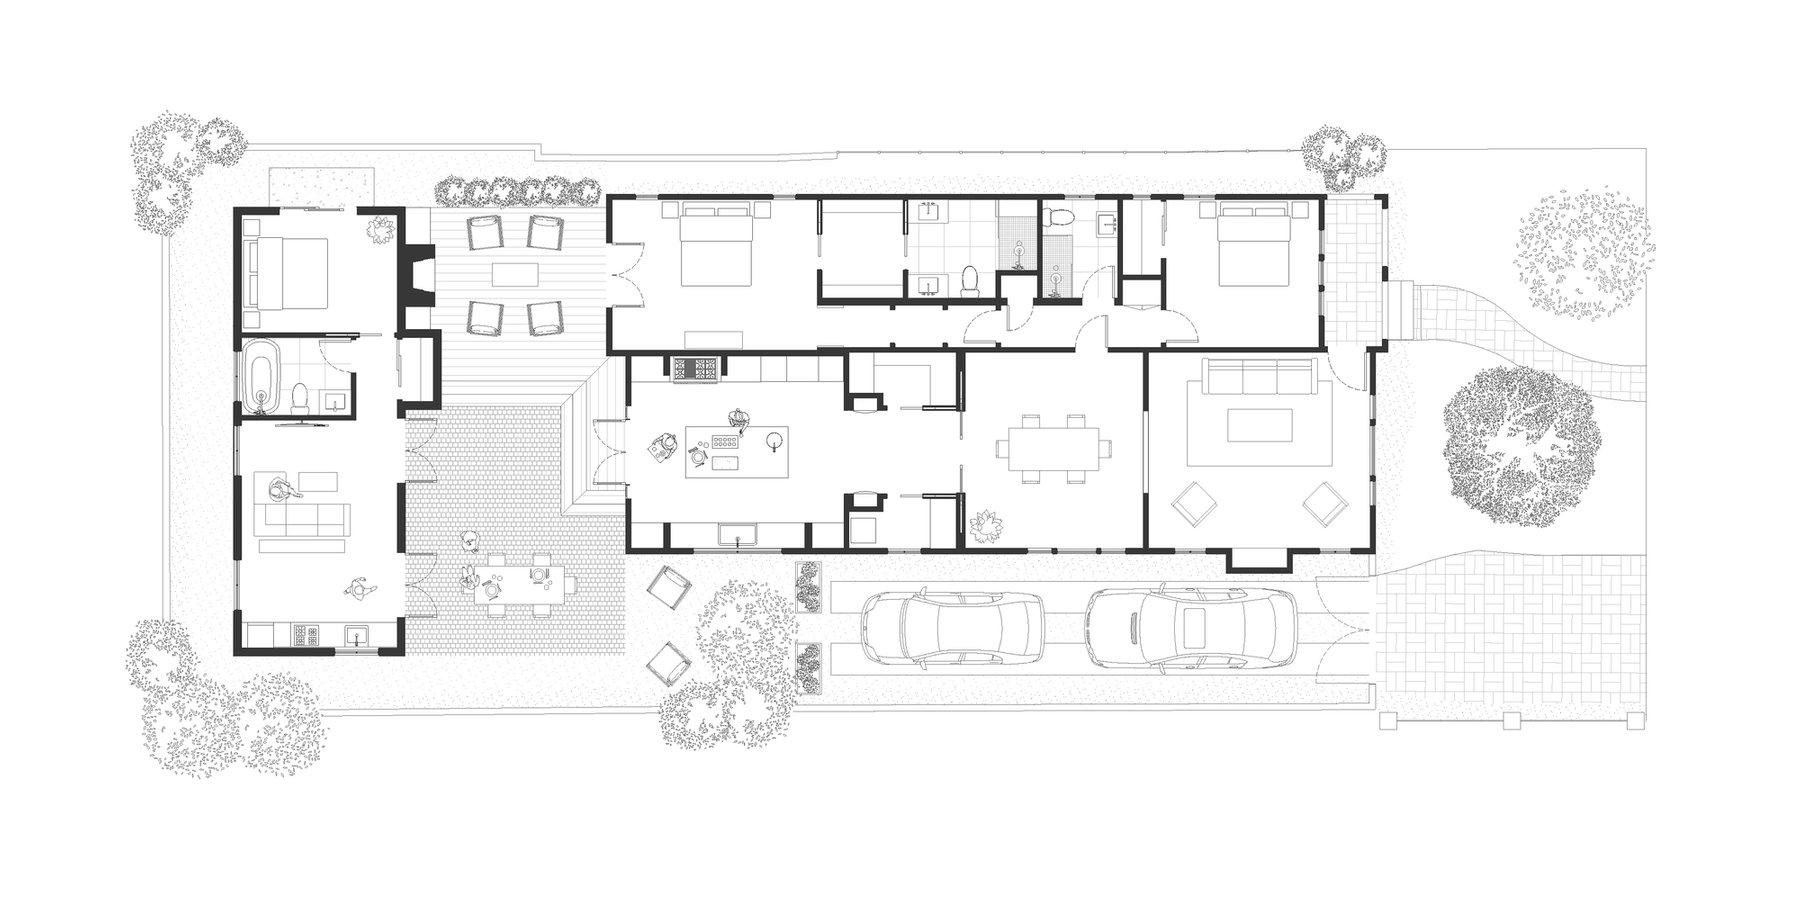 Site Plan/Floor Plan